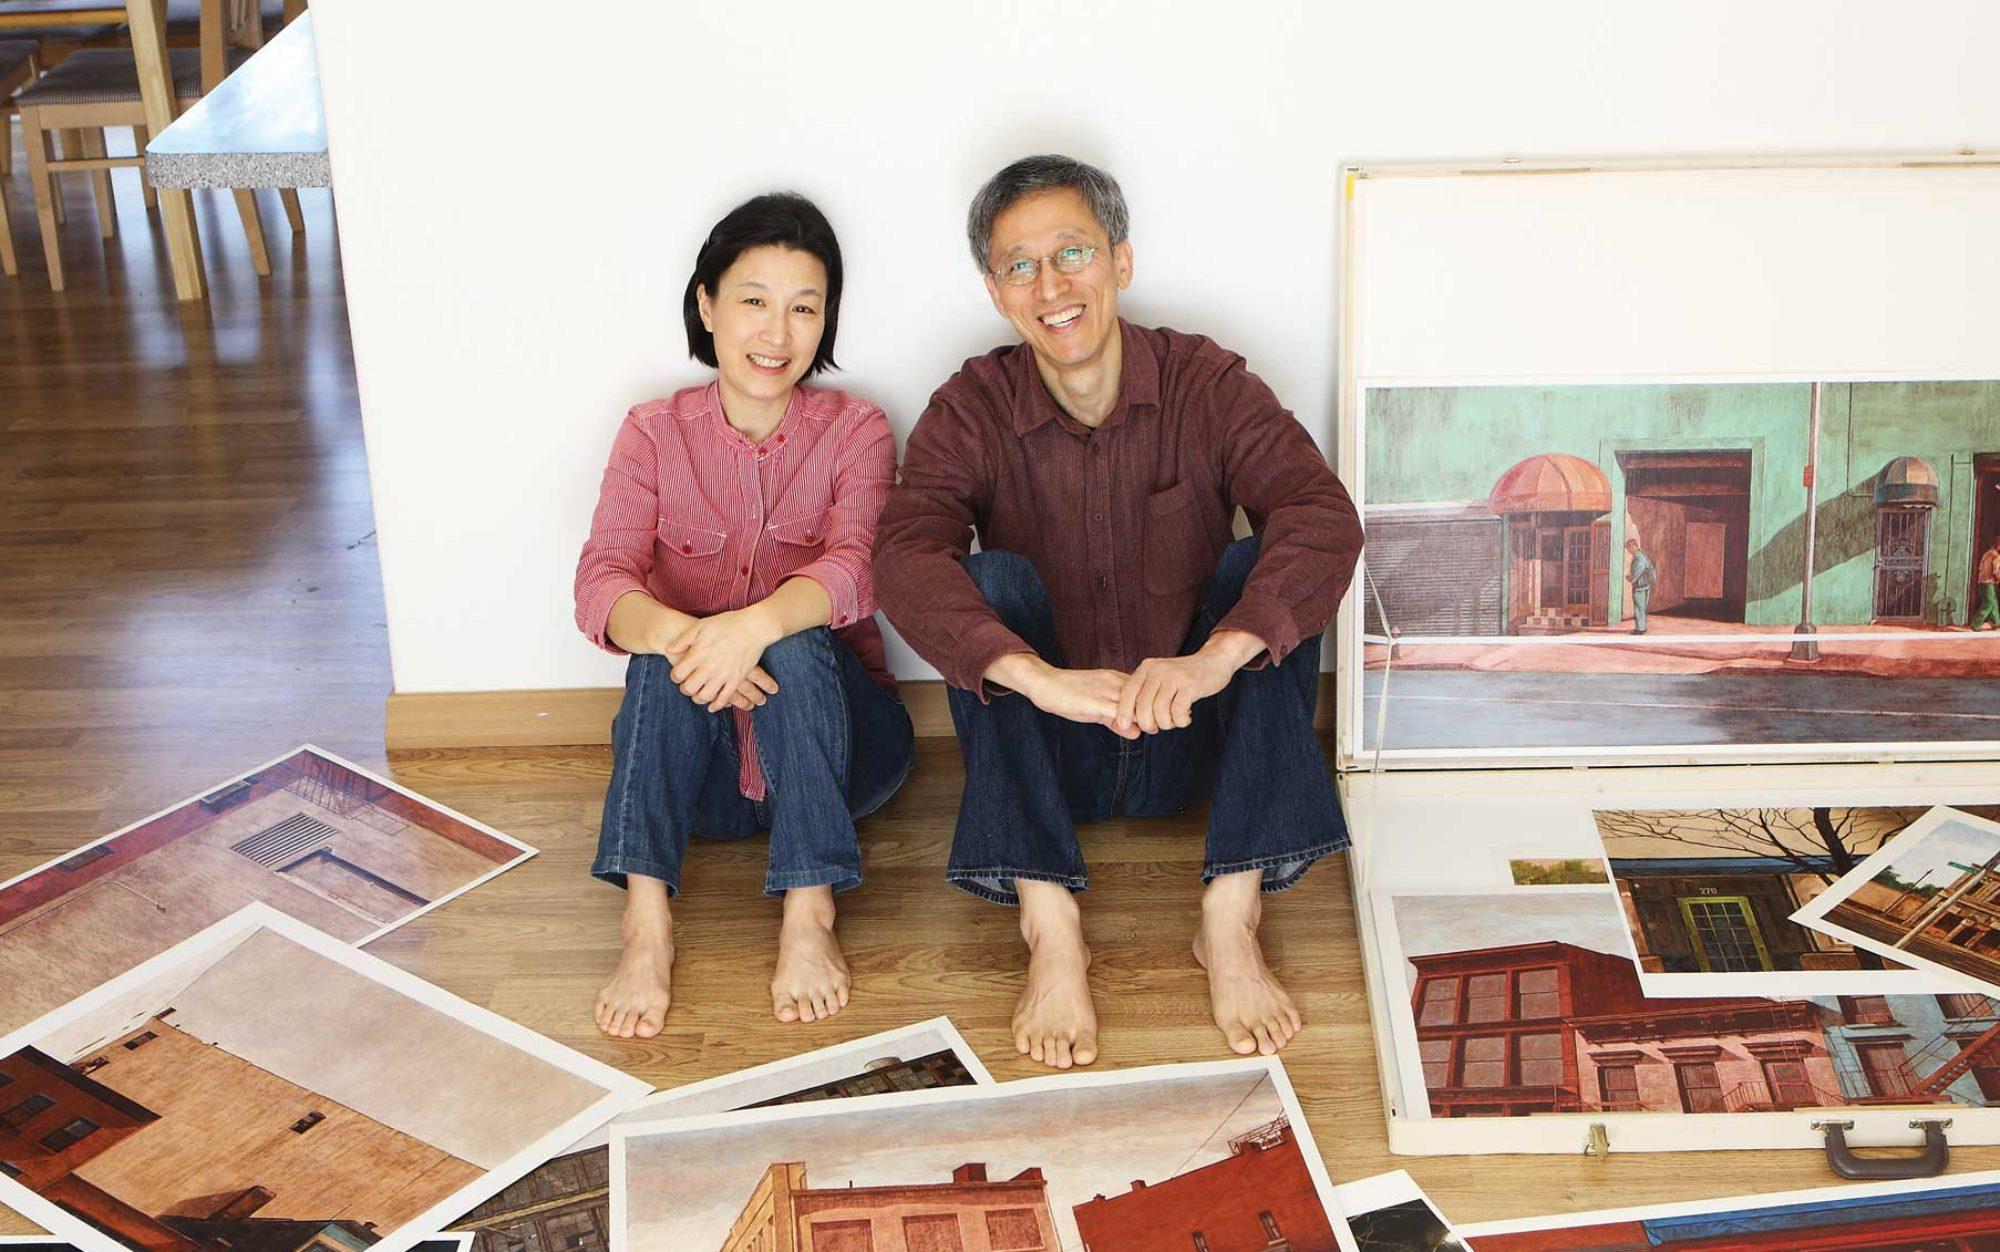 이담, 김근희의 책과 그림